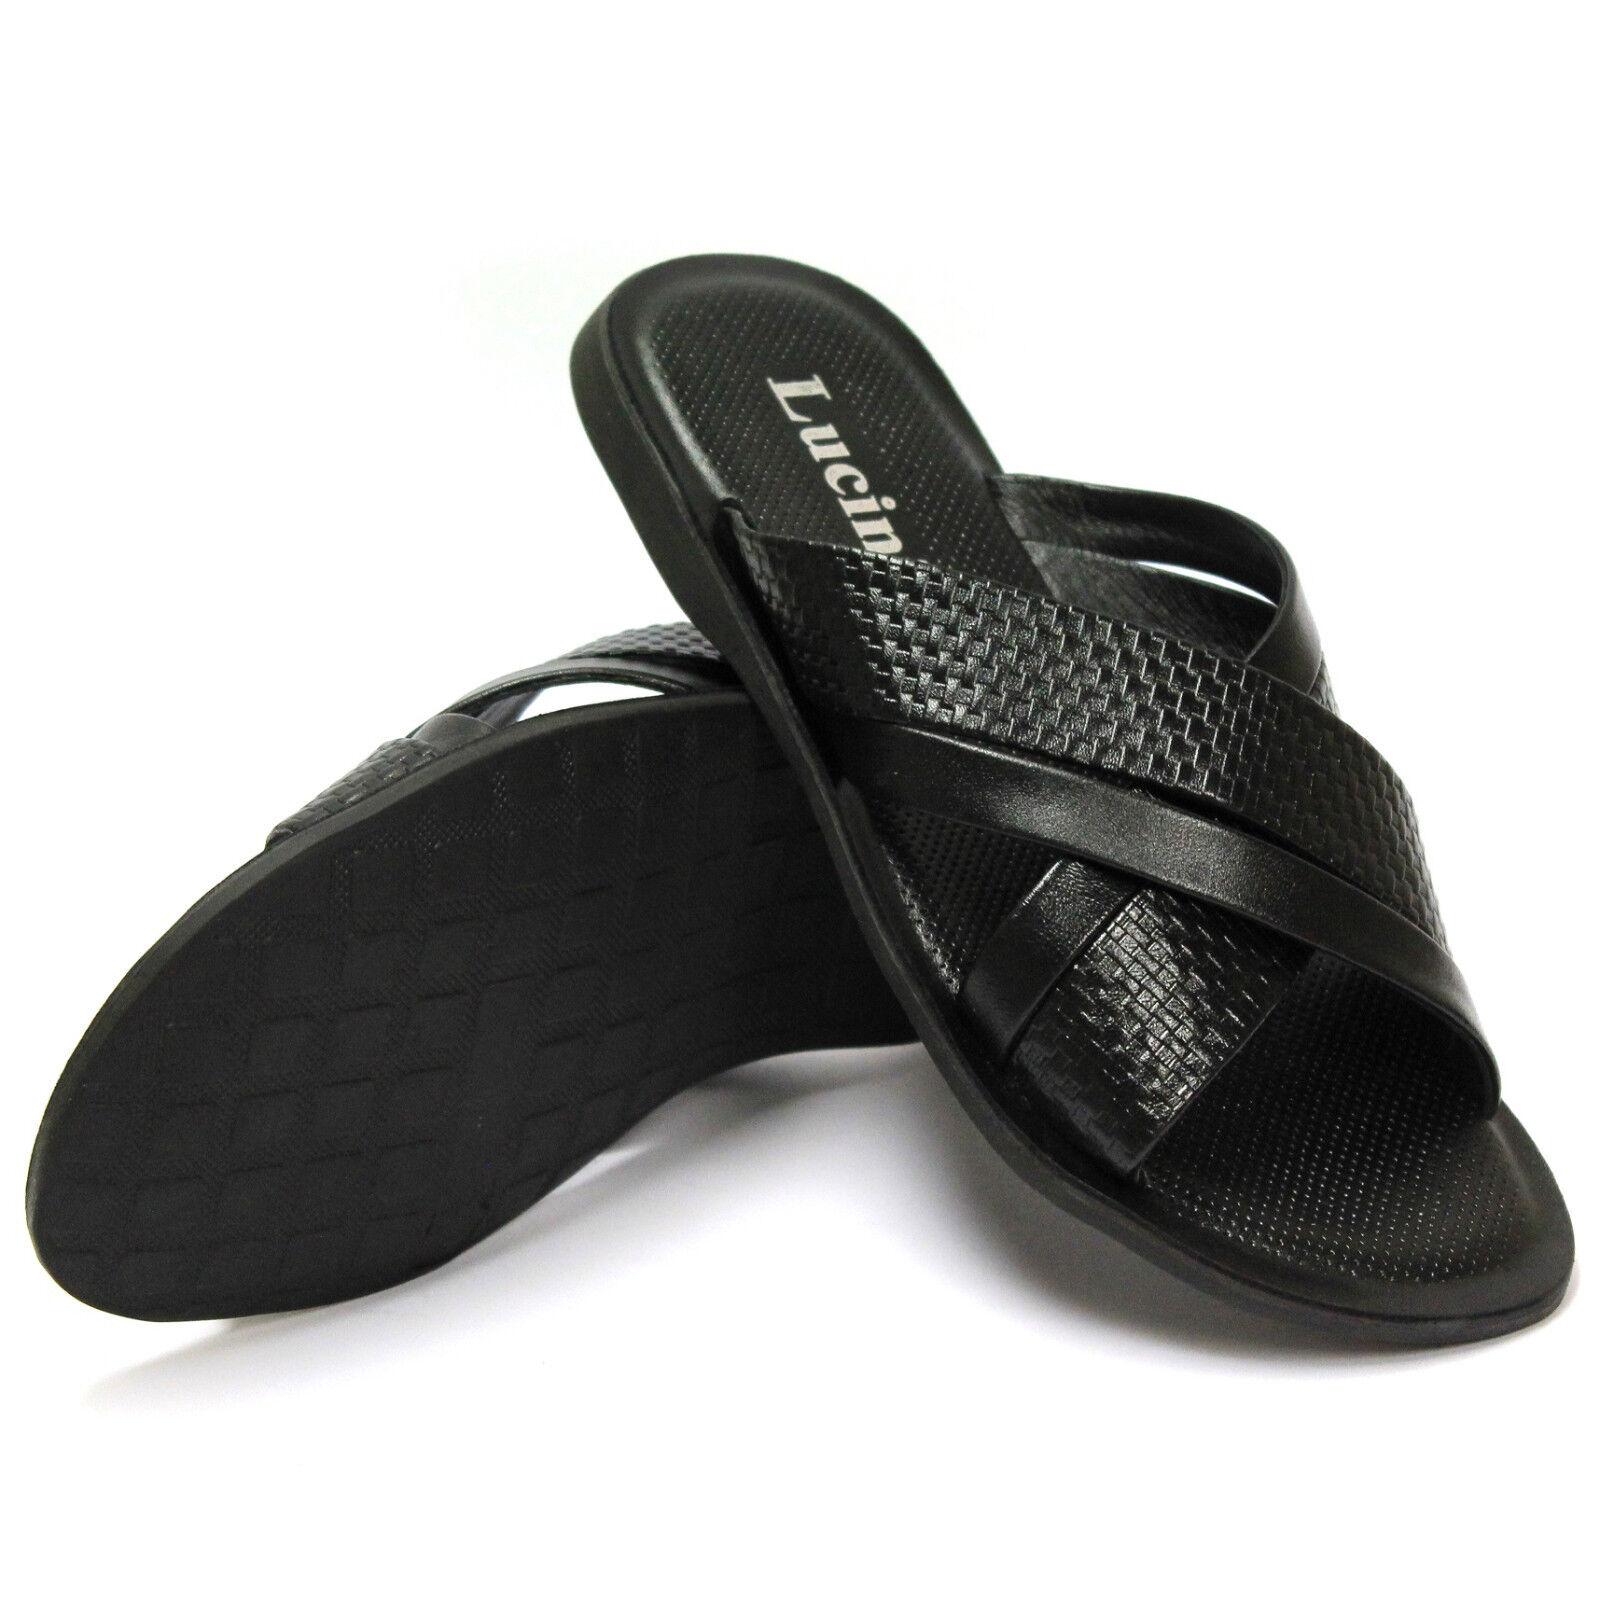 BRAND NEW LUCINI SUMMER SLIP ON BEECH MEN'S LEATHER STRAPS SANDALS 62540 - BLACK